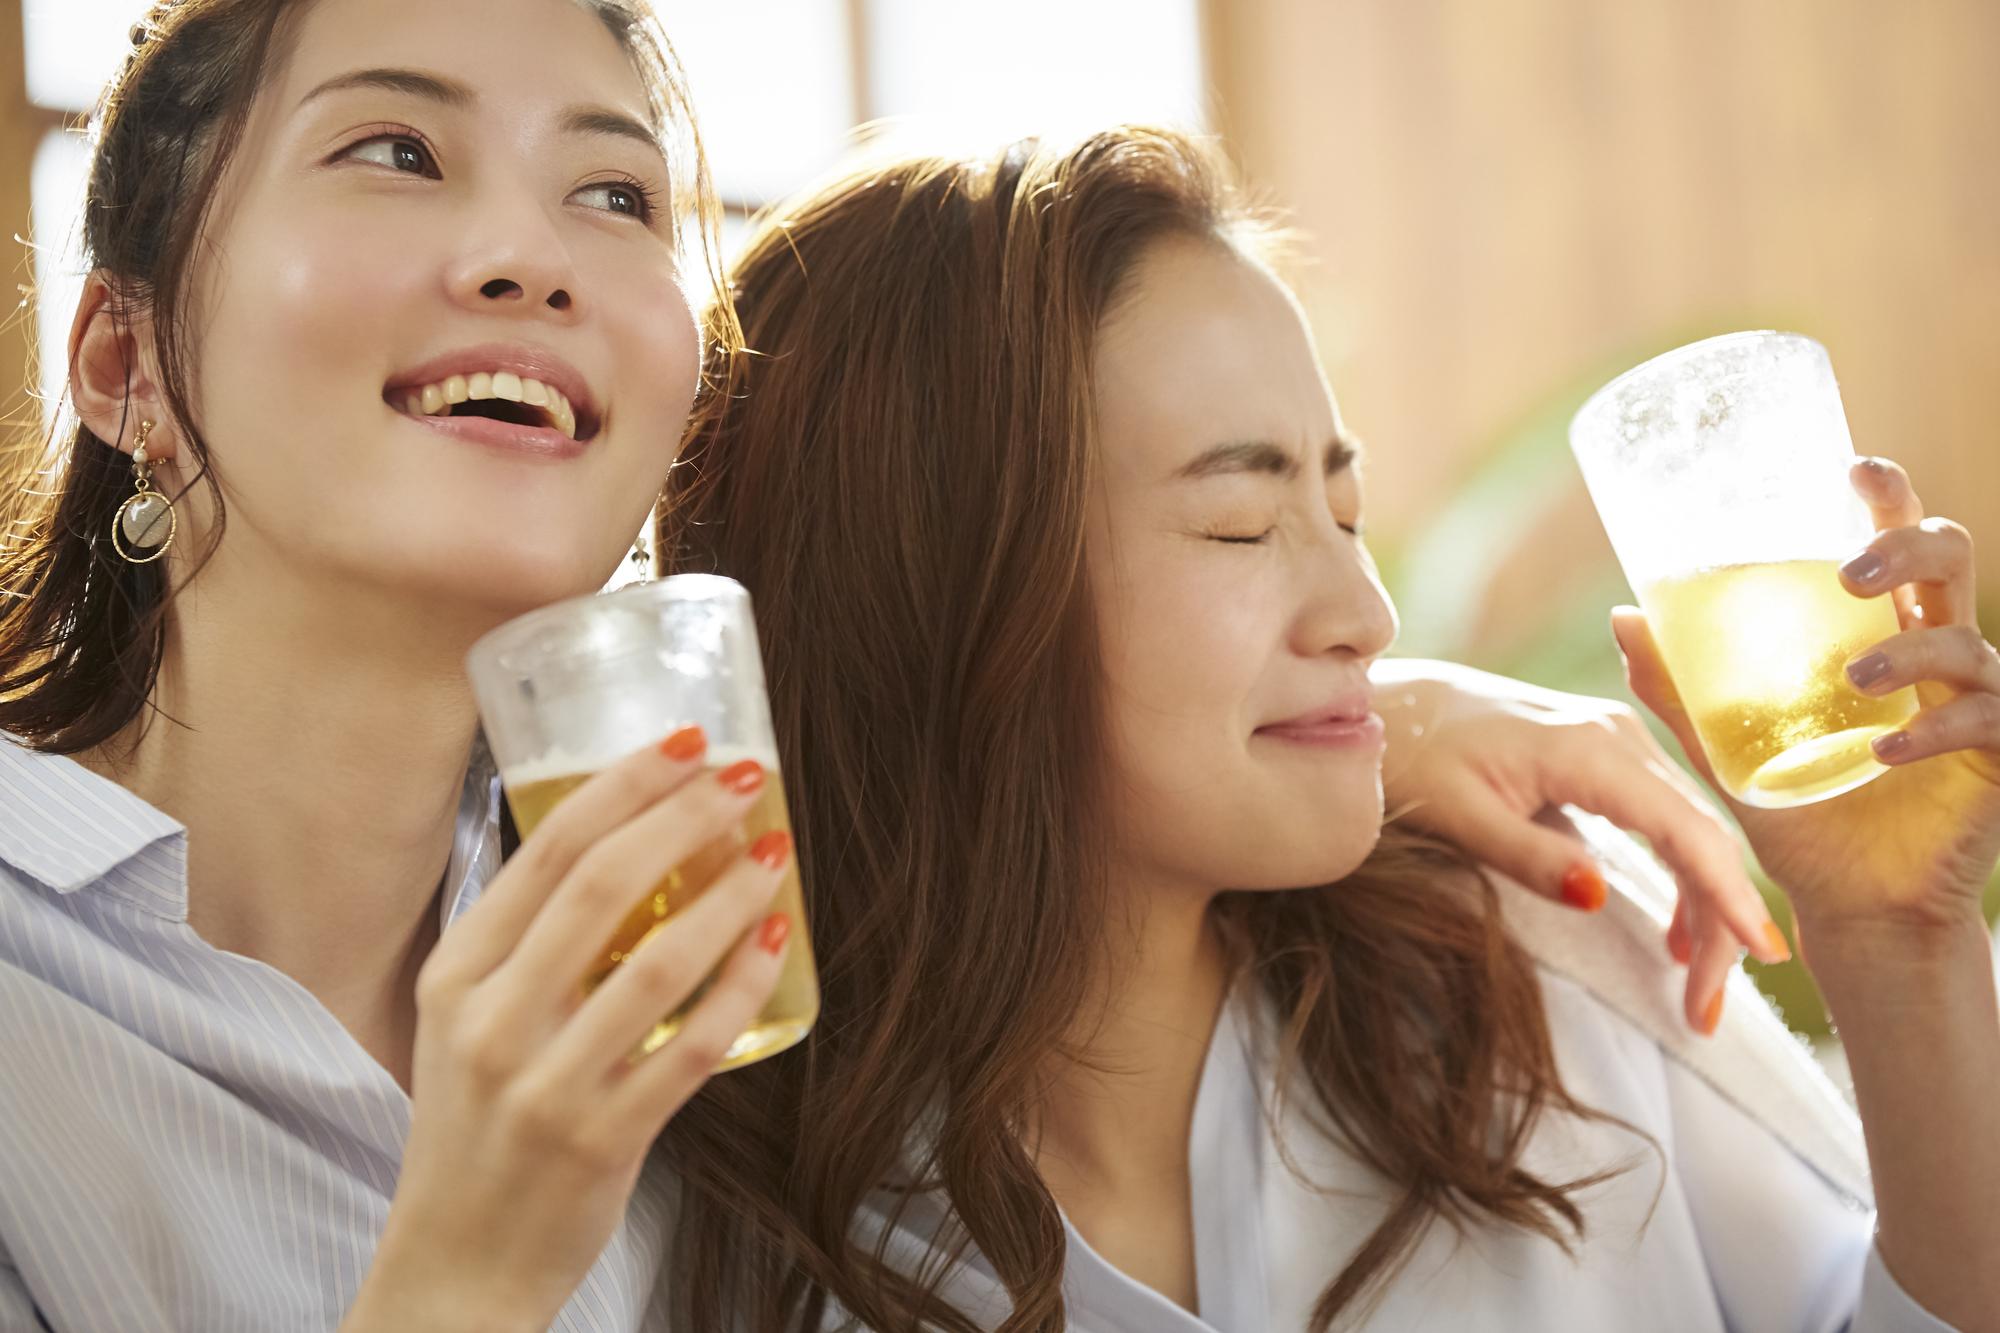 女性二人でお酒を飲むシーン